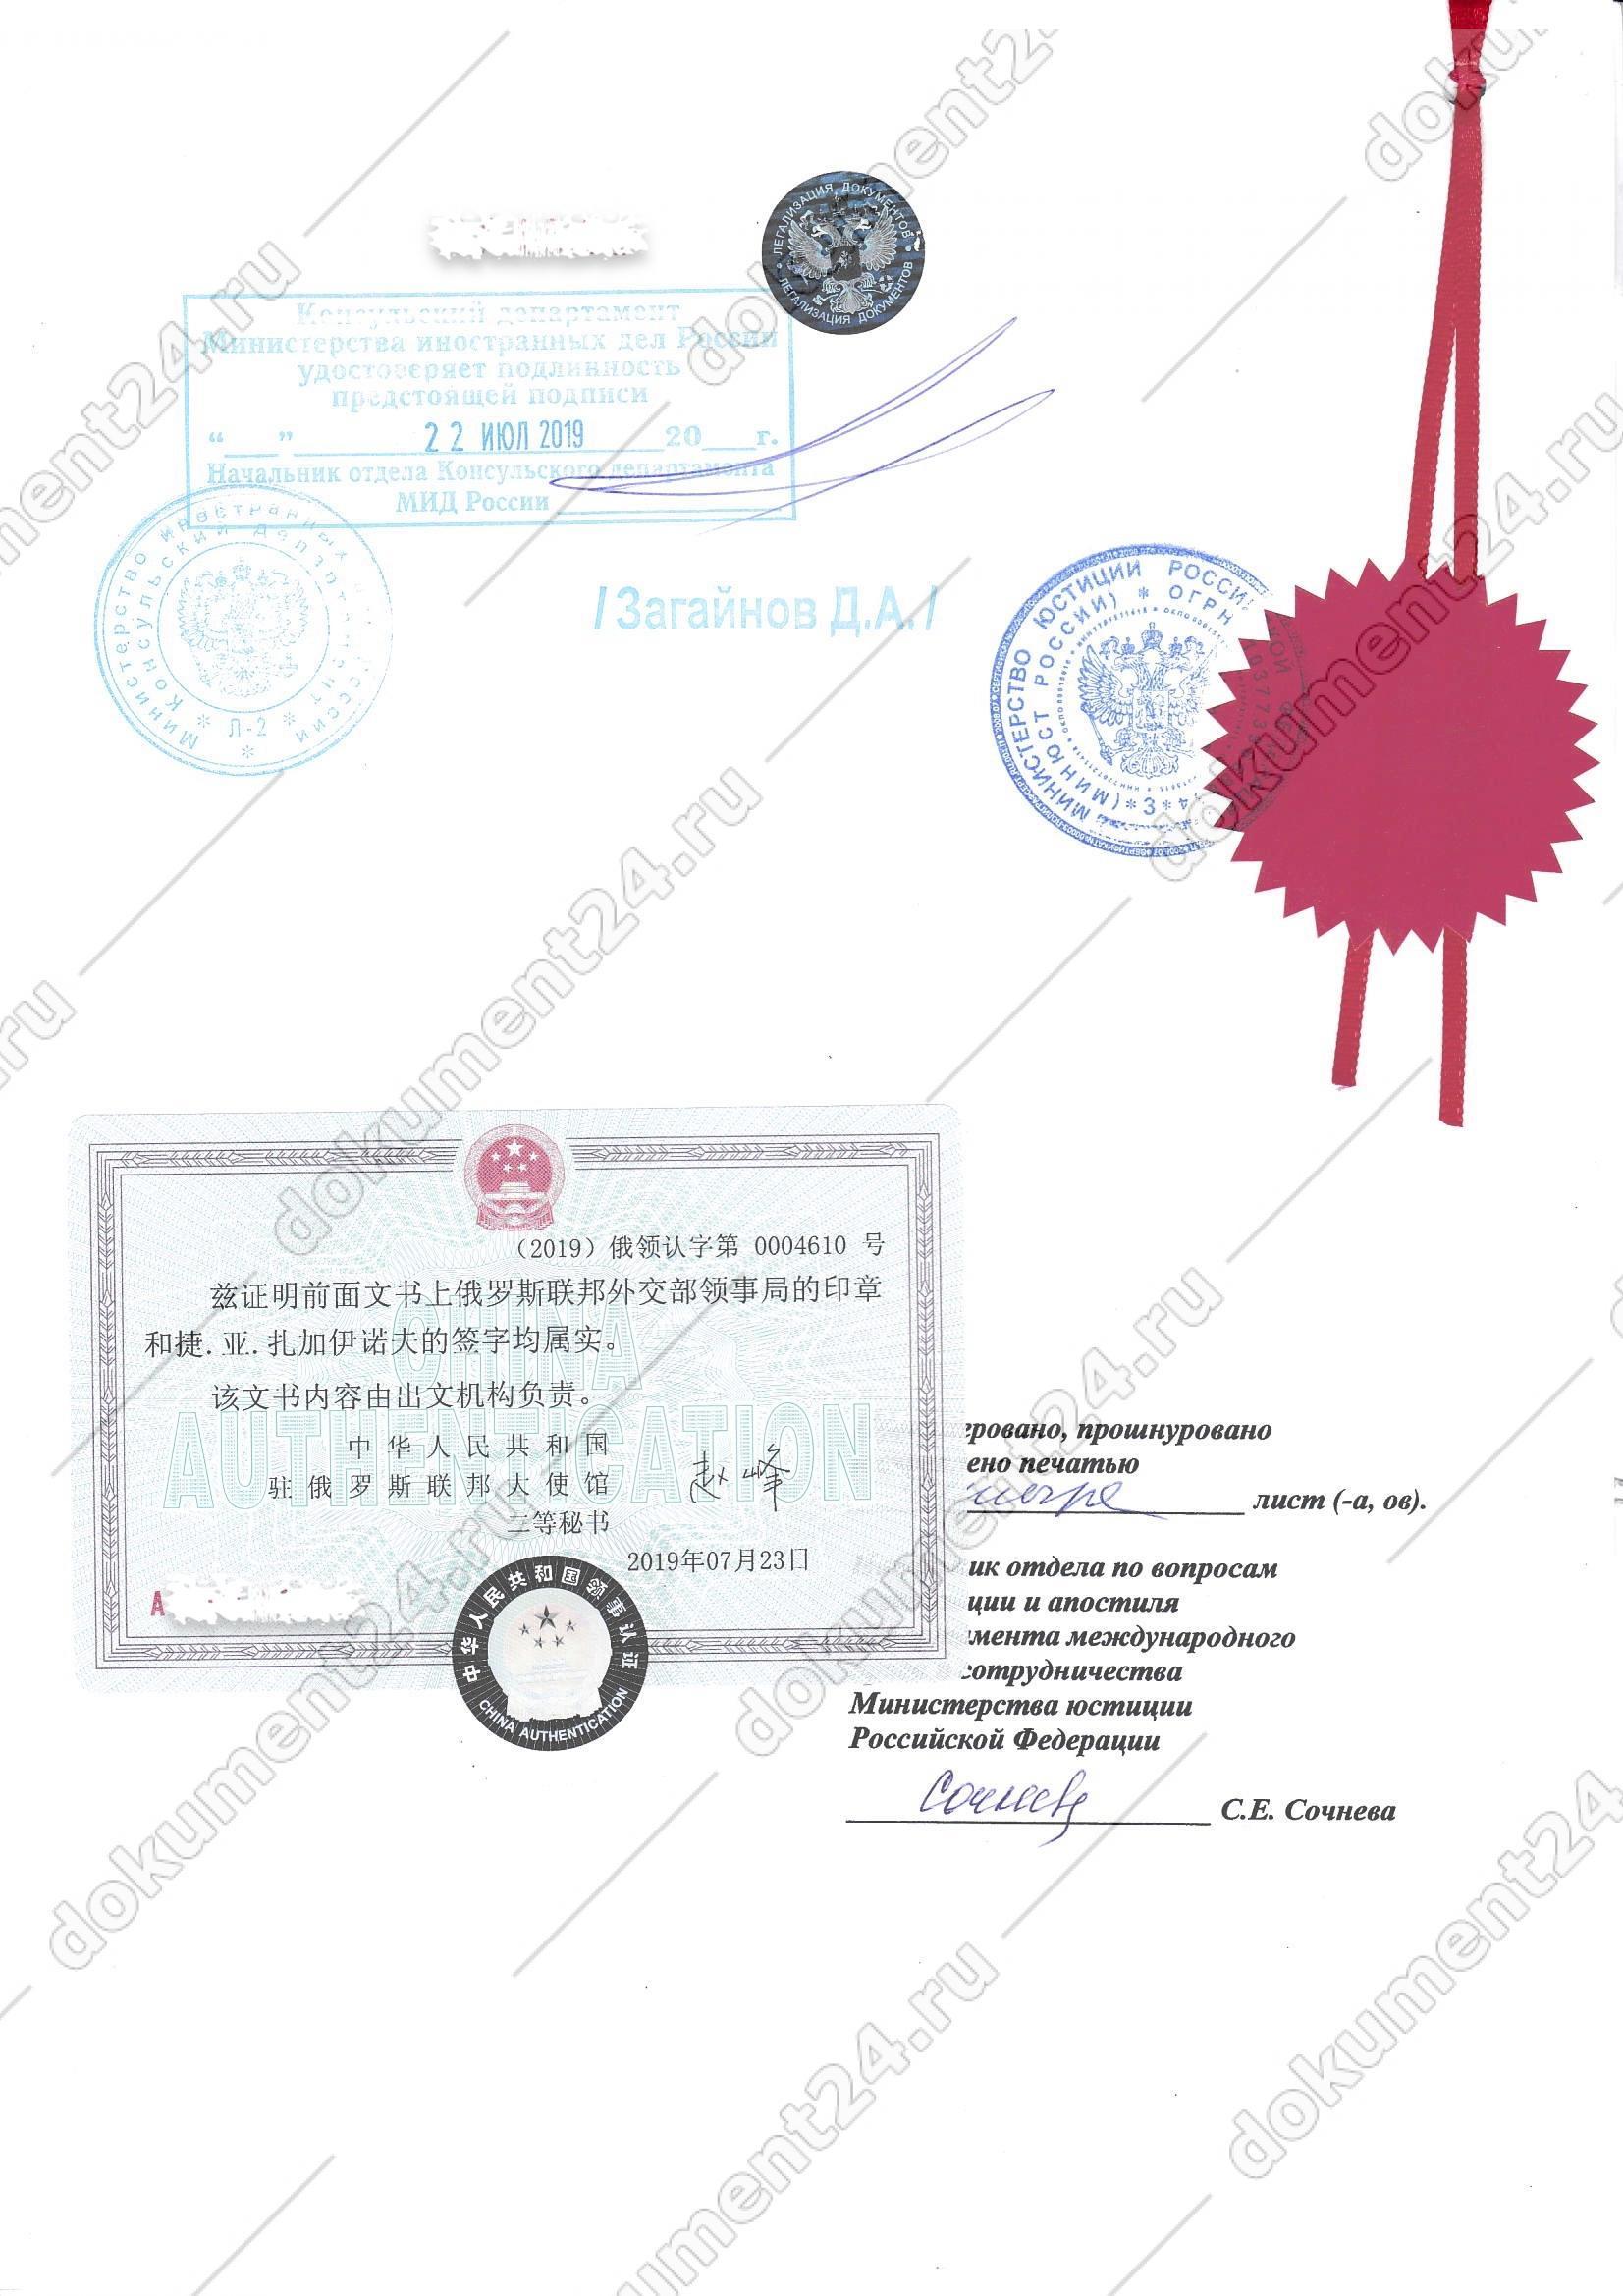 svidetelstvo-razvod-kitai-konsulskaya-legalizatsiya